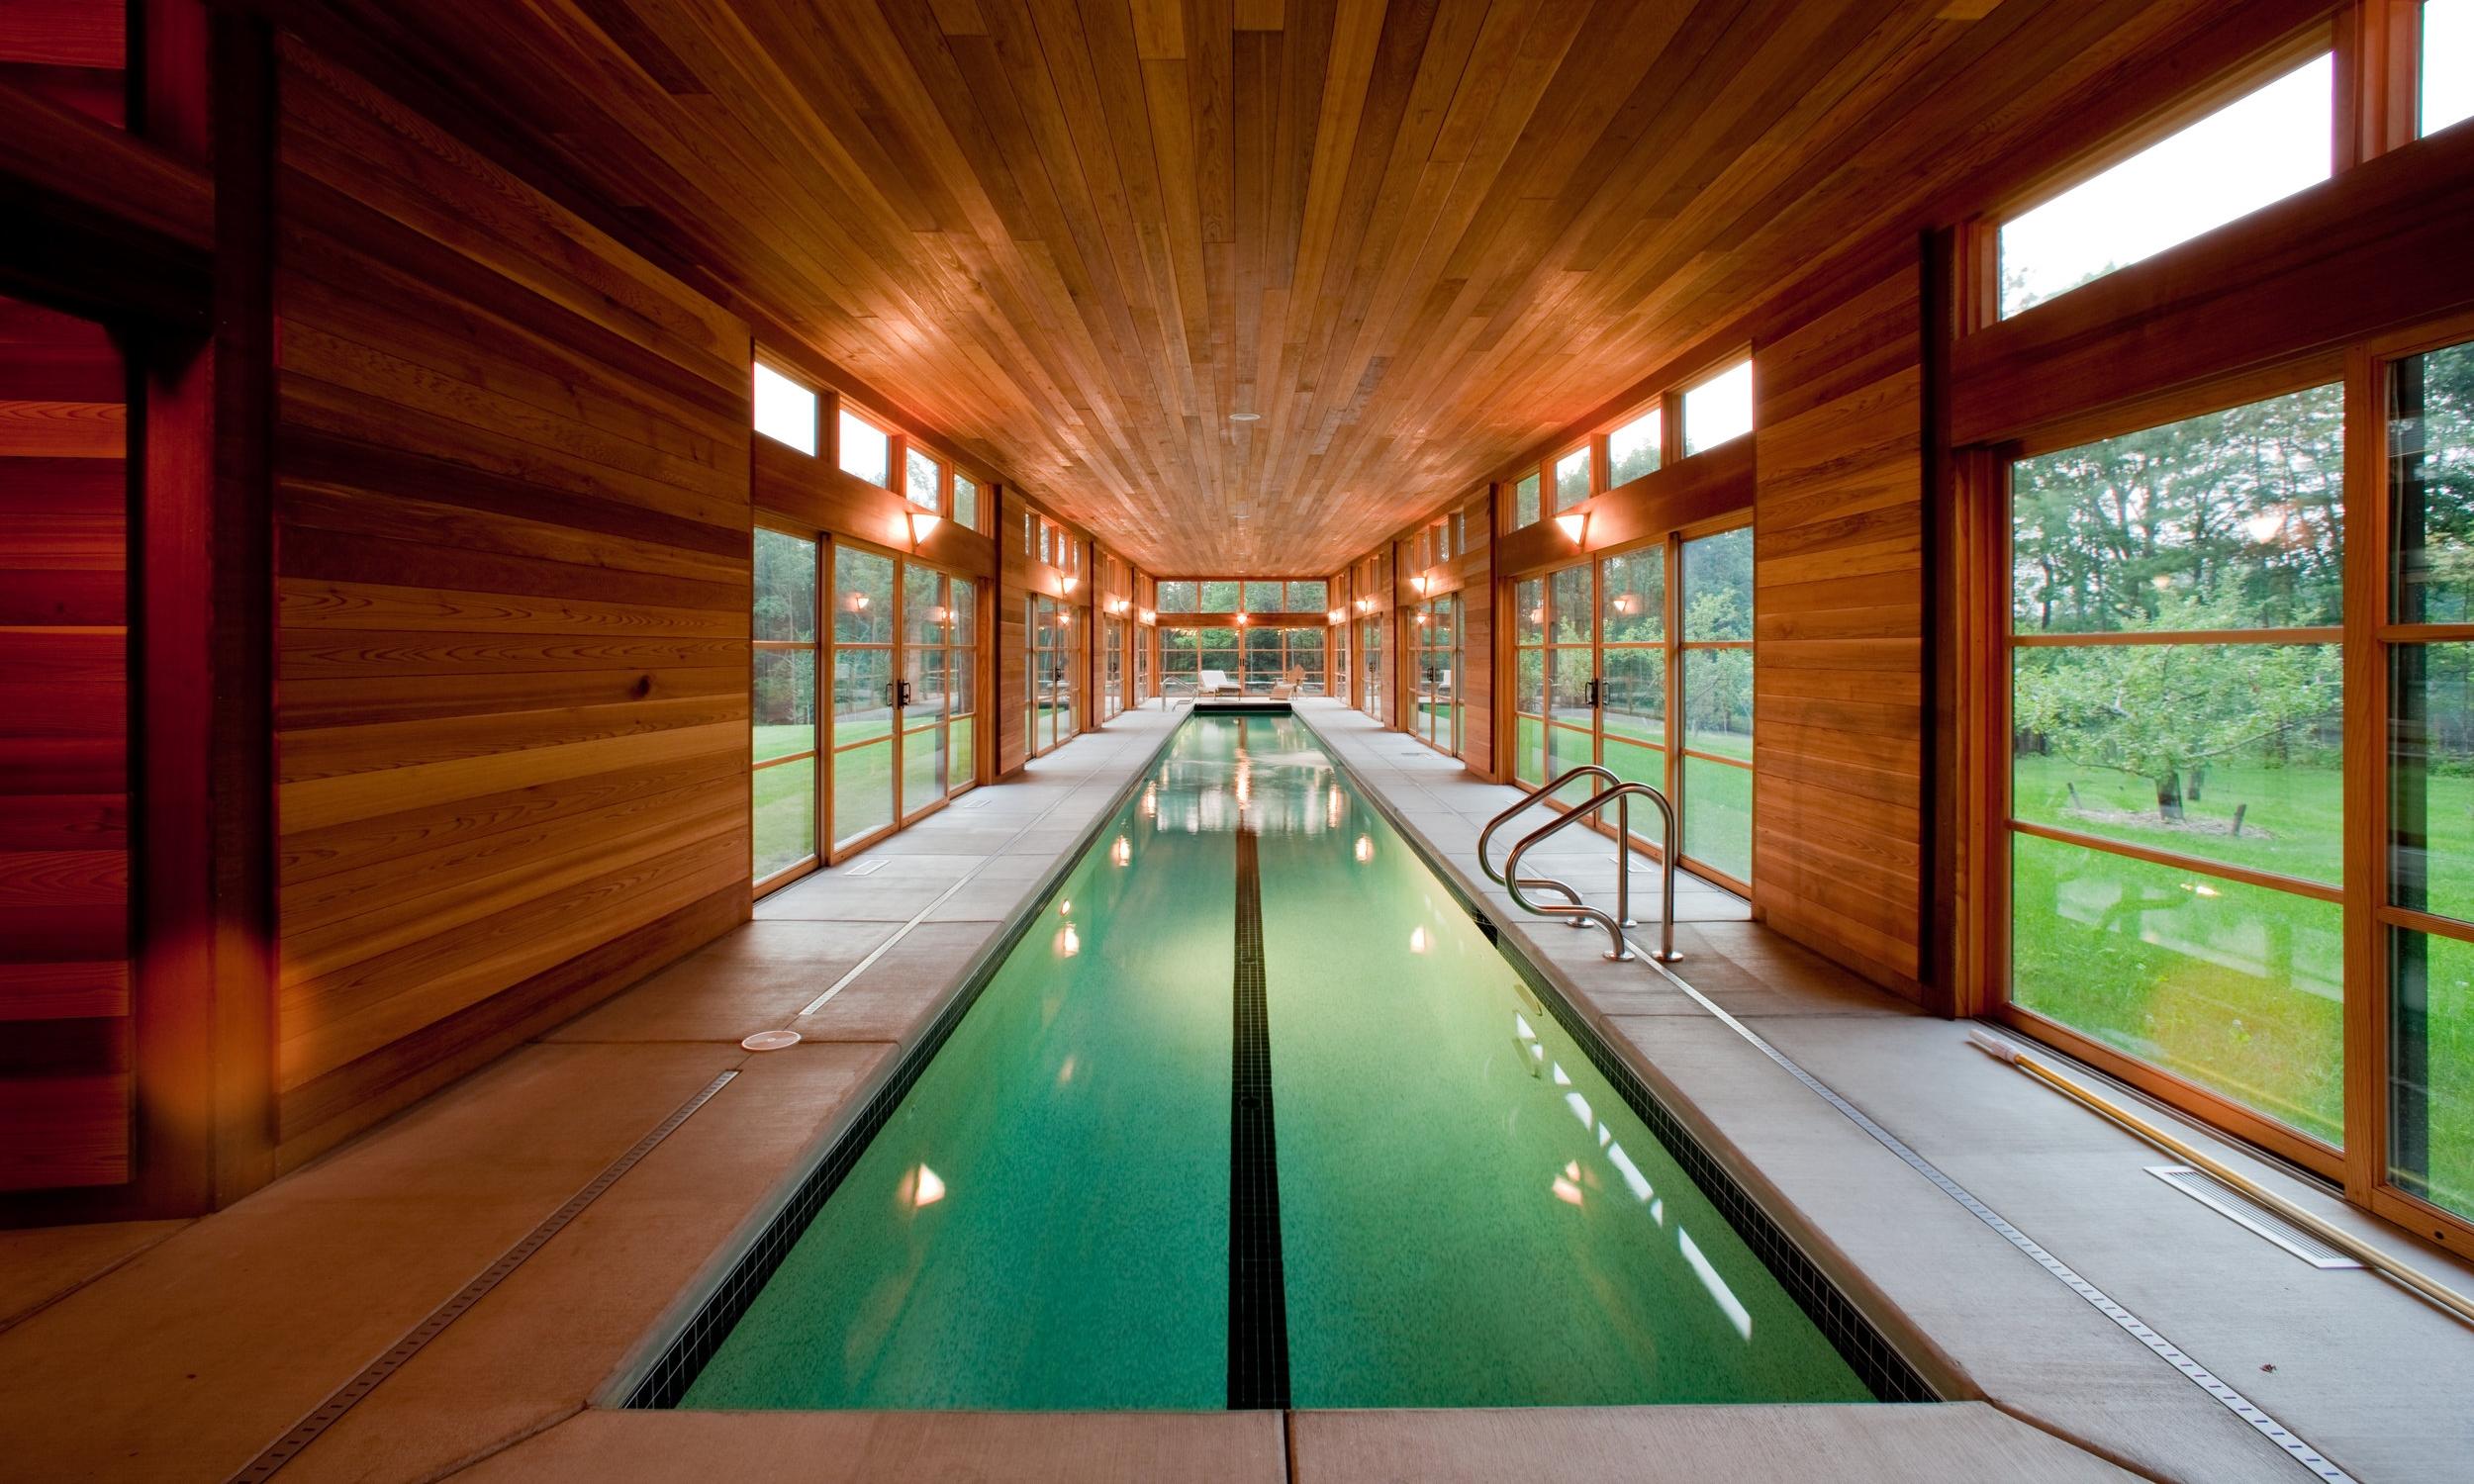 The Heath Pool House